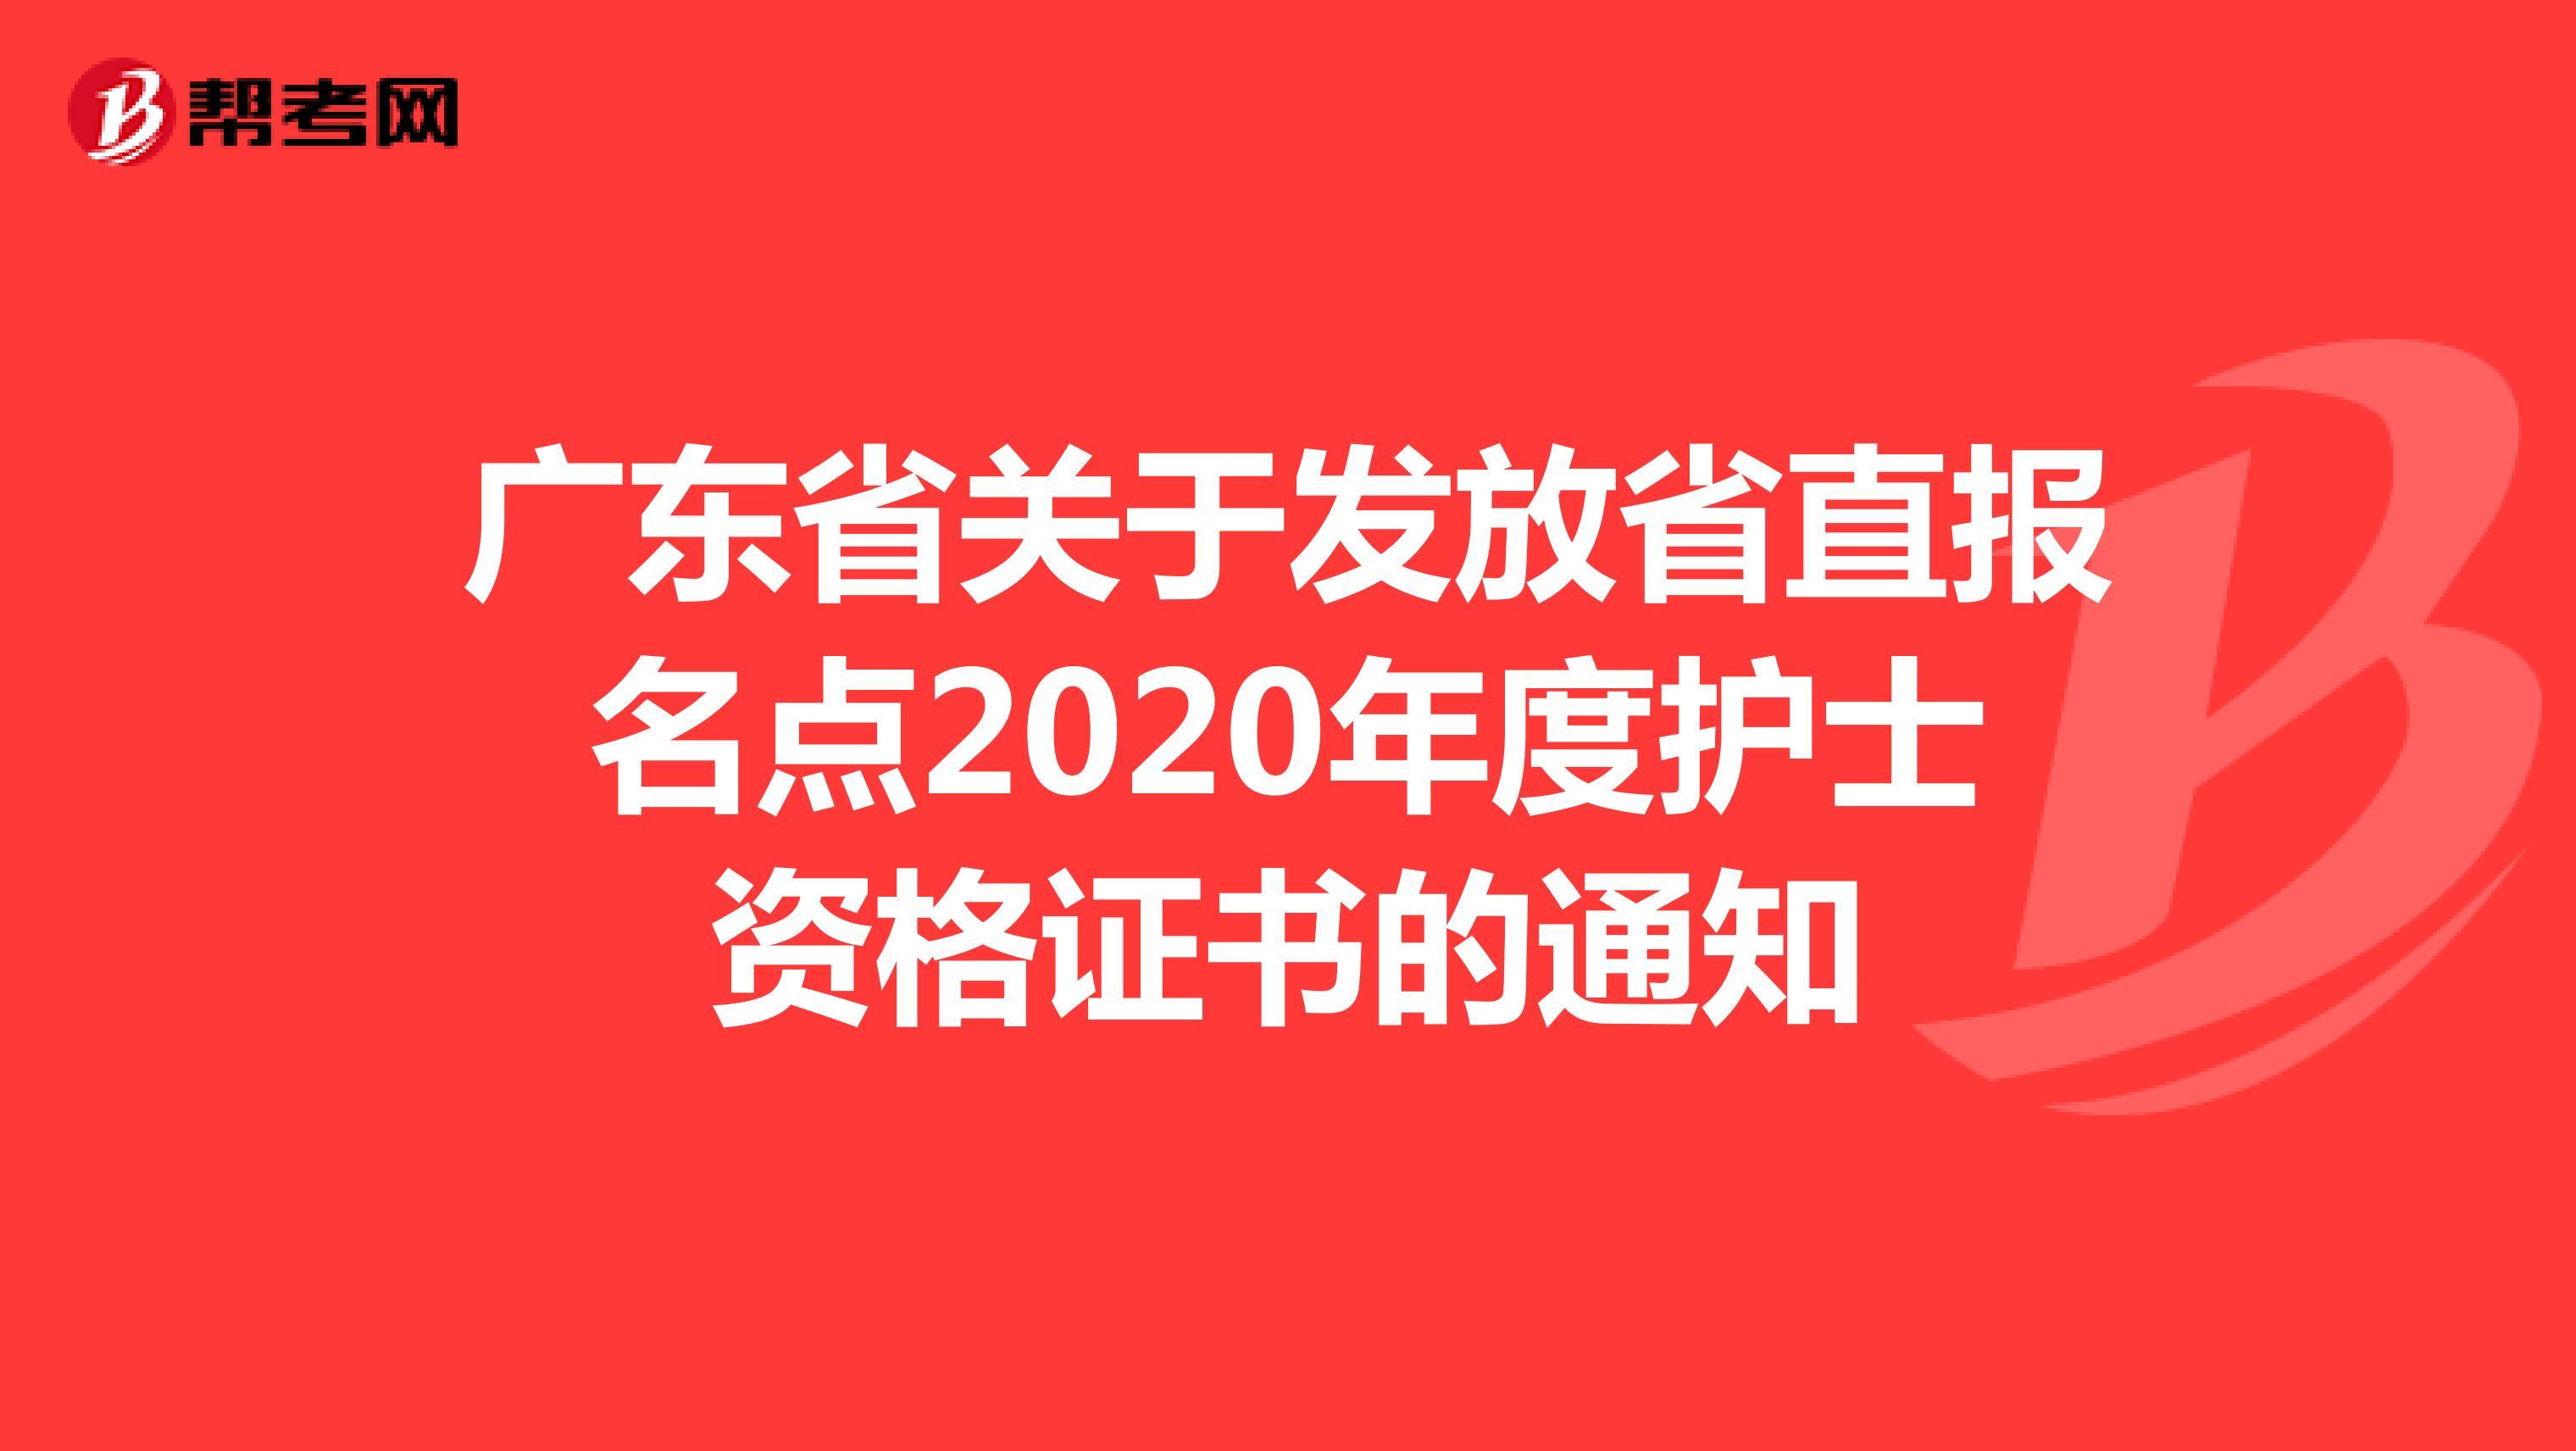 廣東省關于發放省直報名點2020年度護士資格證書的通知